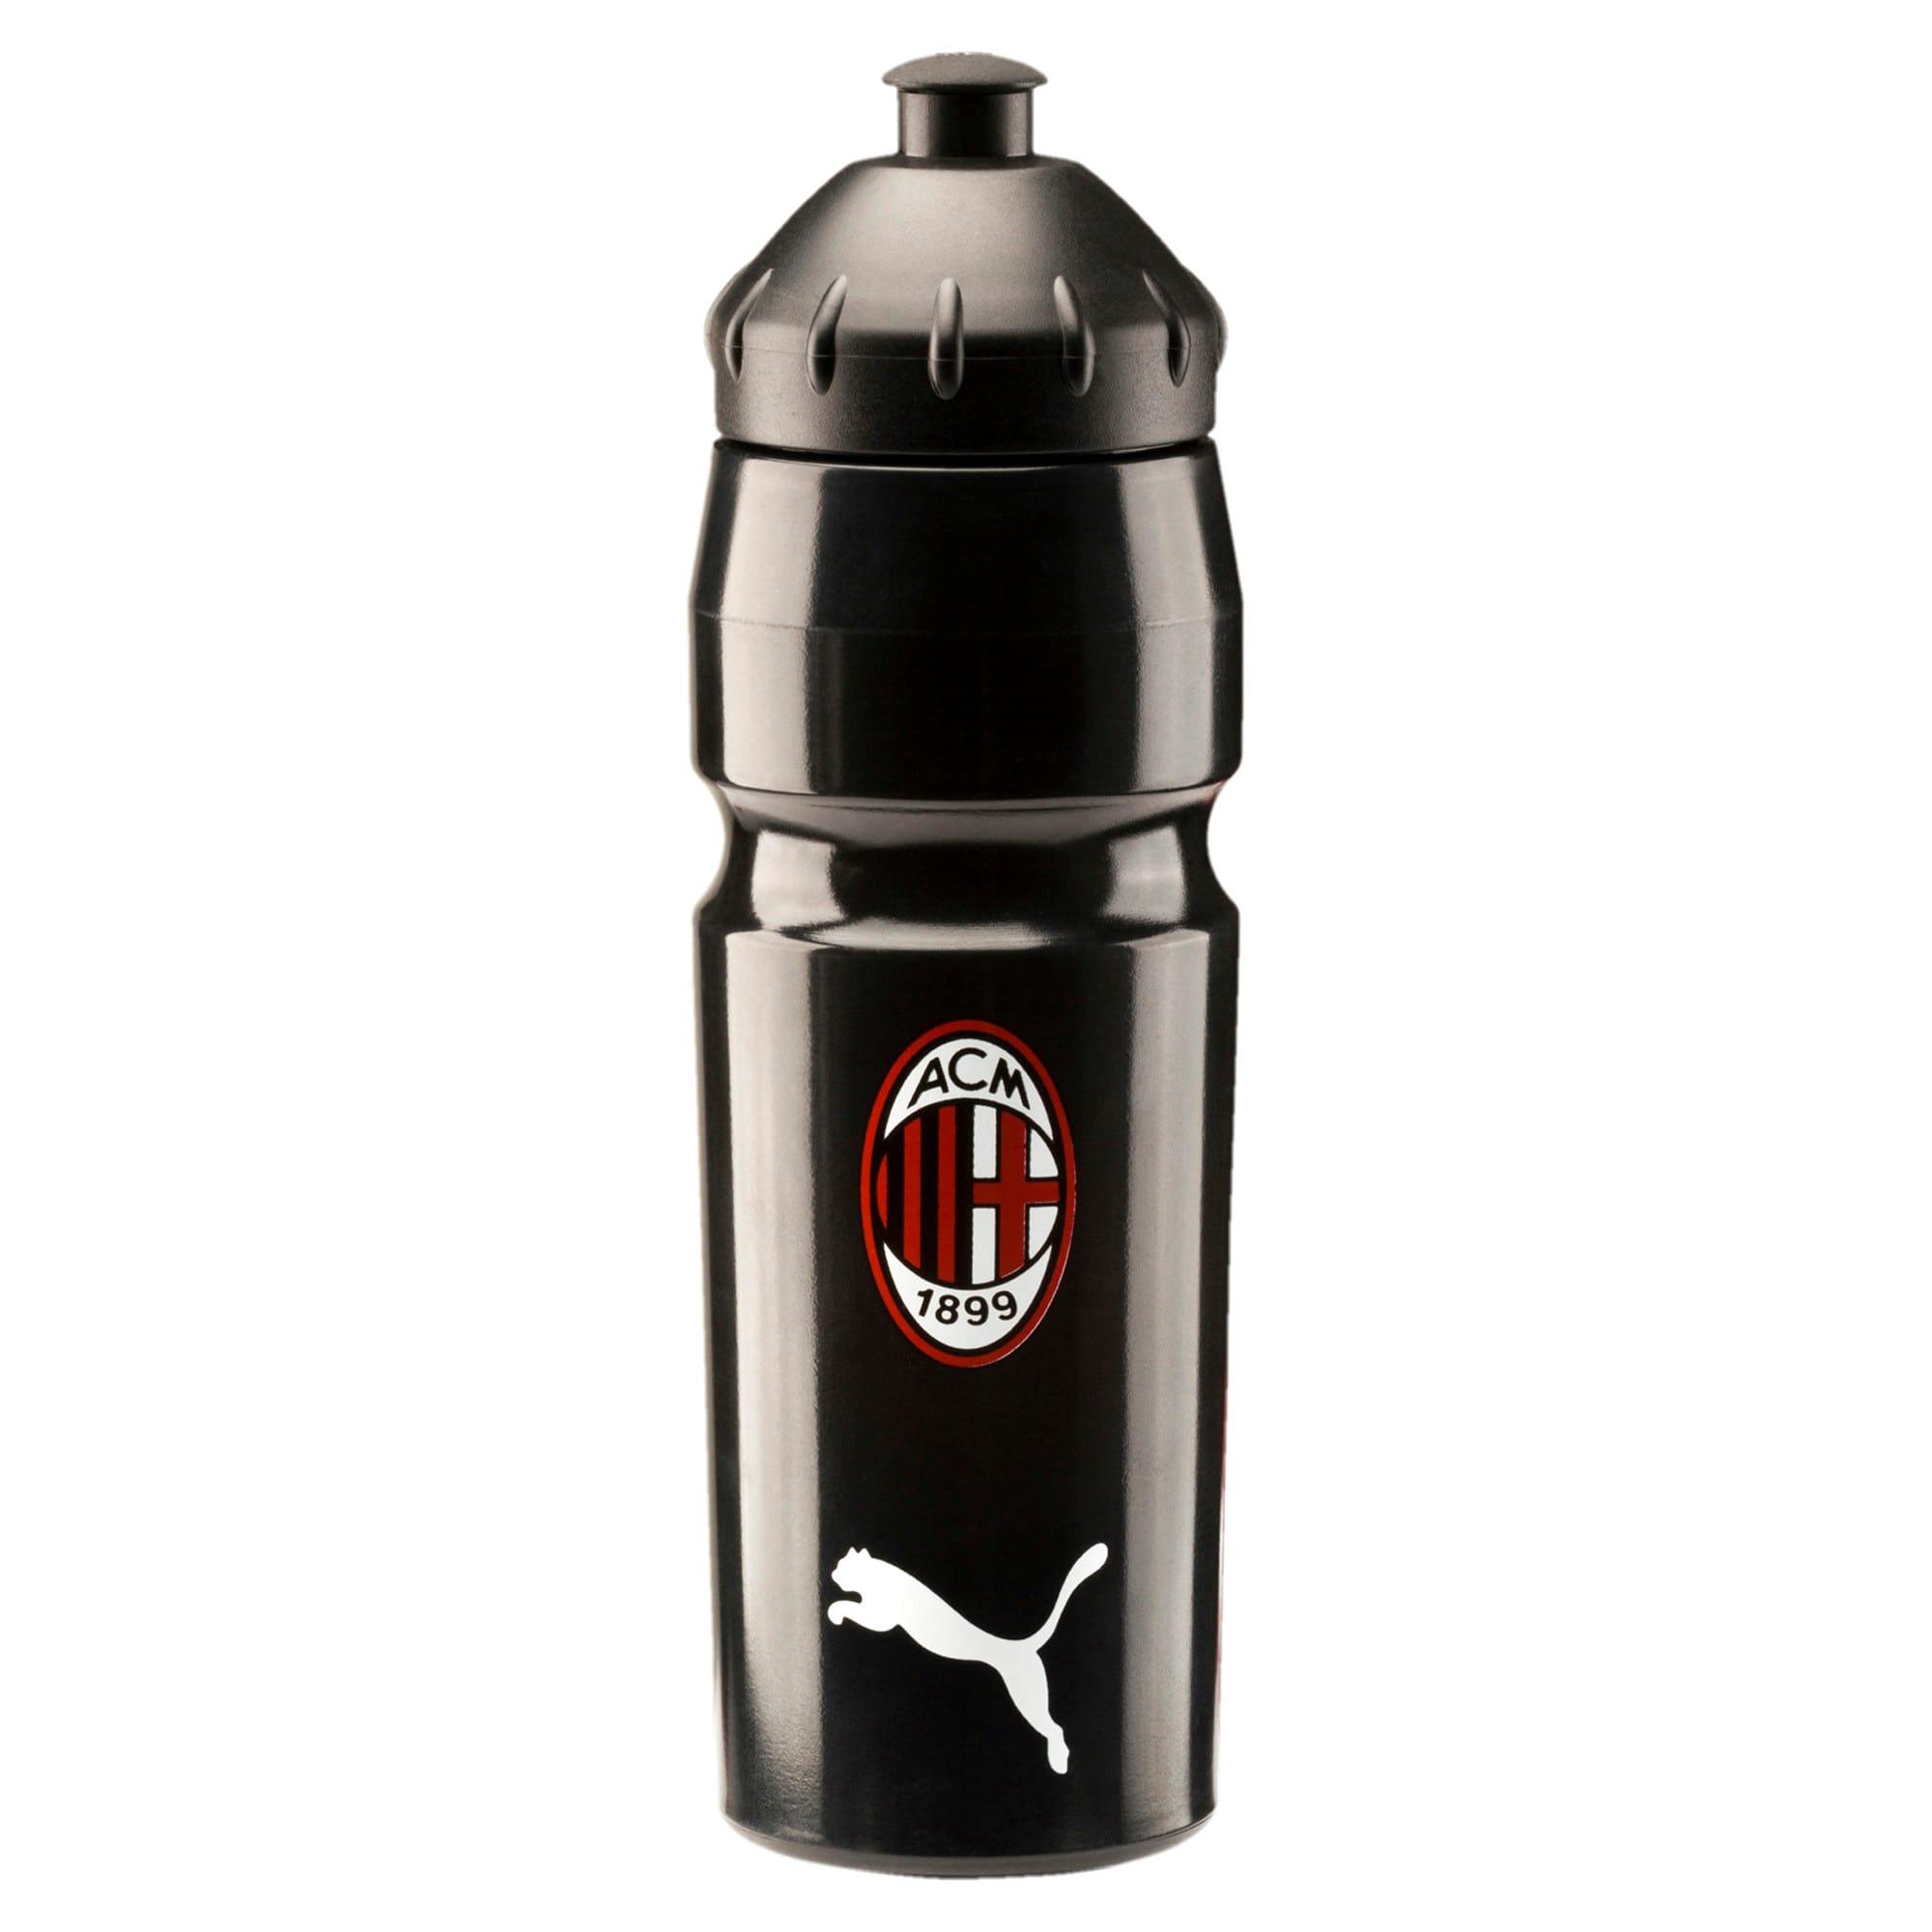 Thumbnail 1 of AC Milan Water Bottle, Tango Red, medium